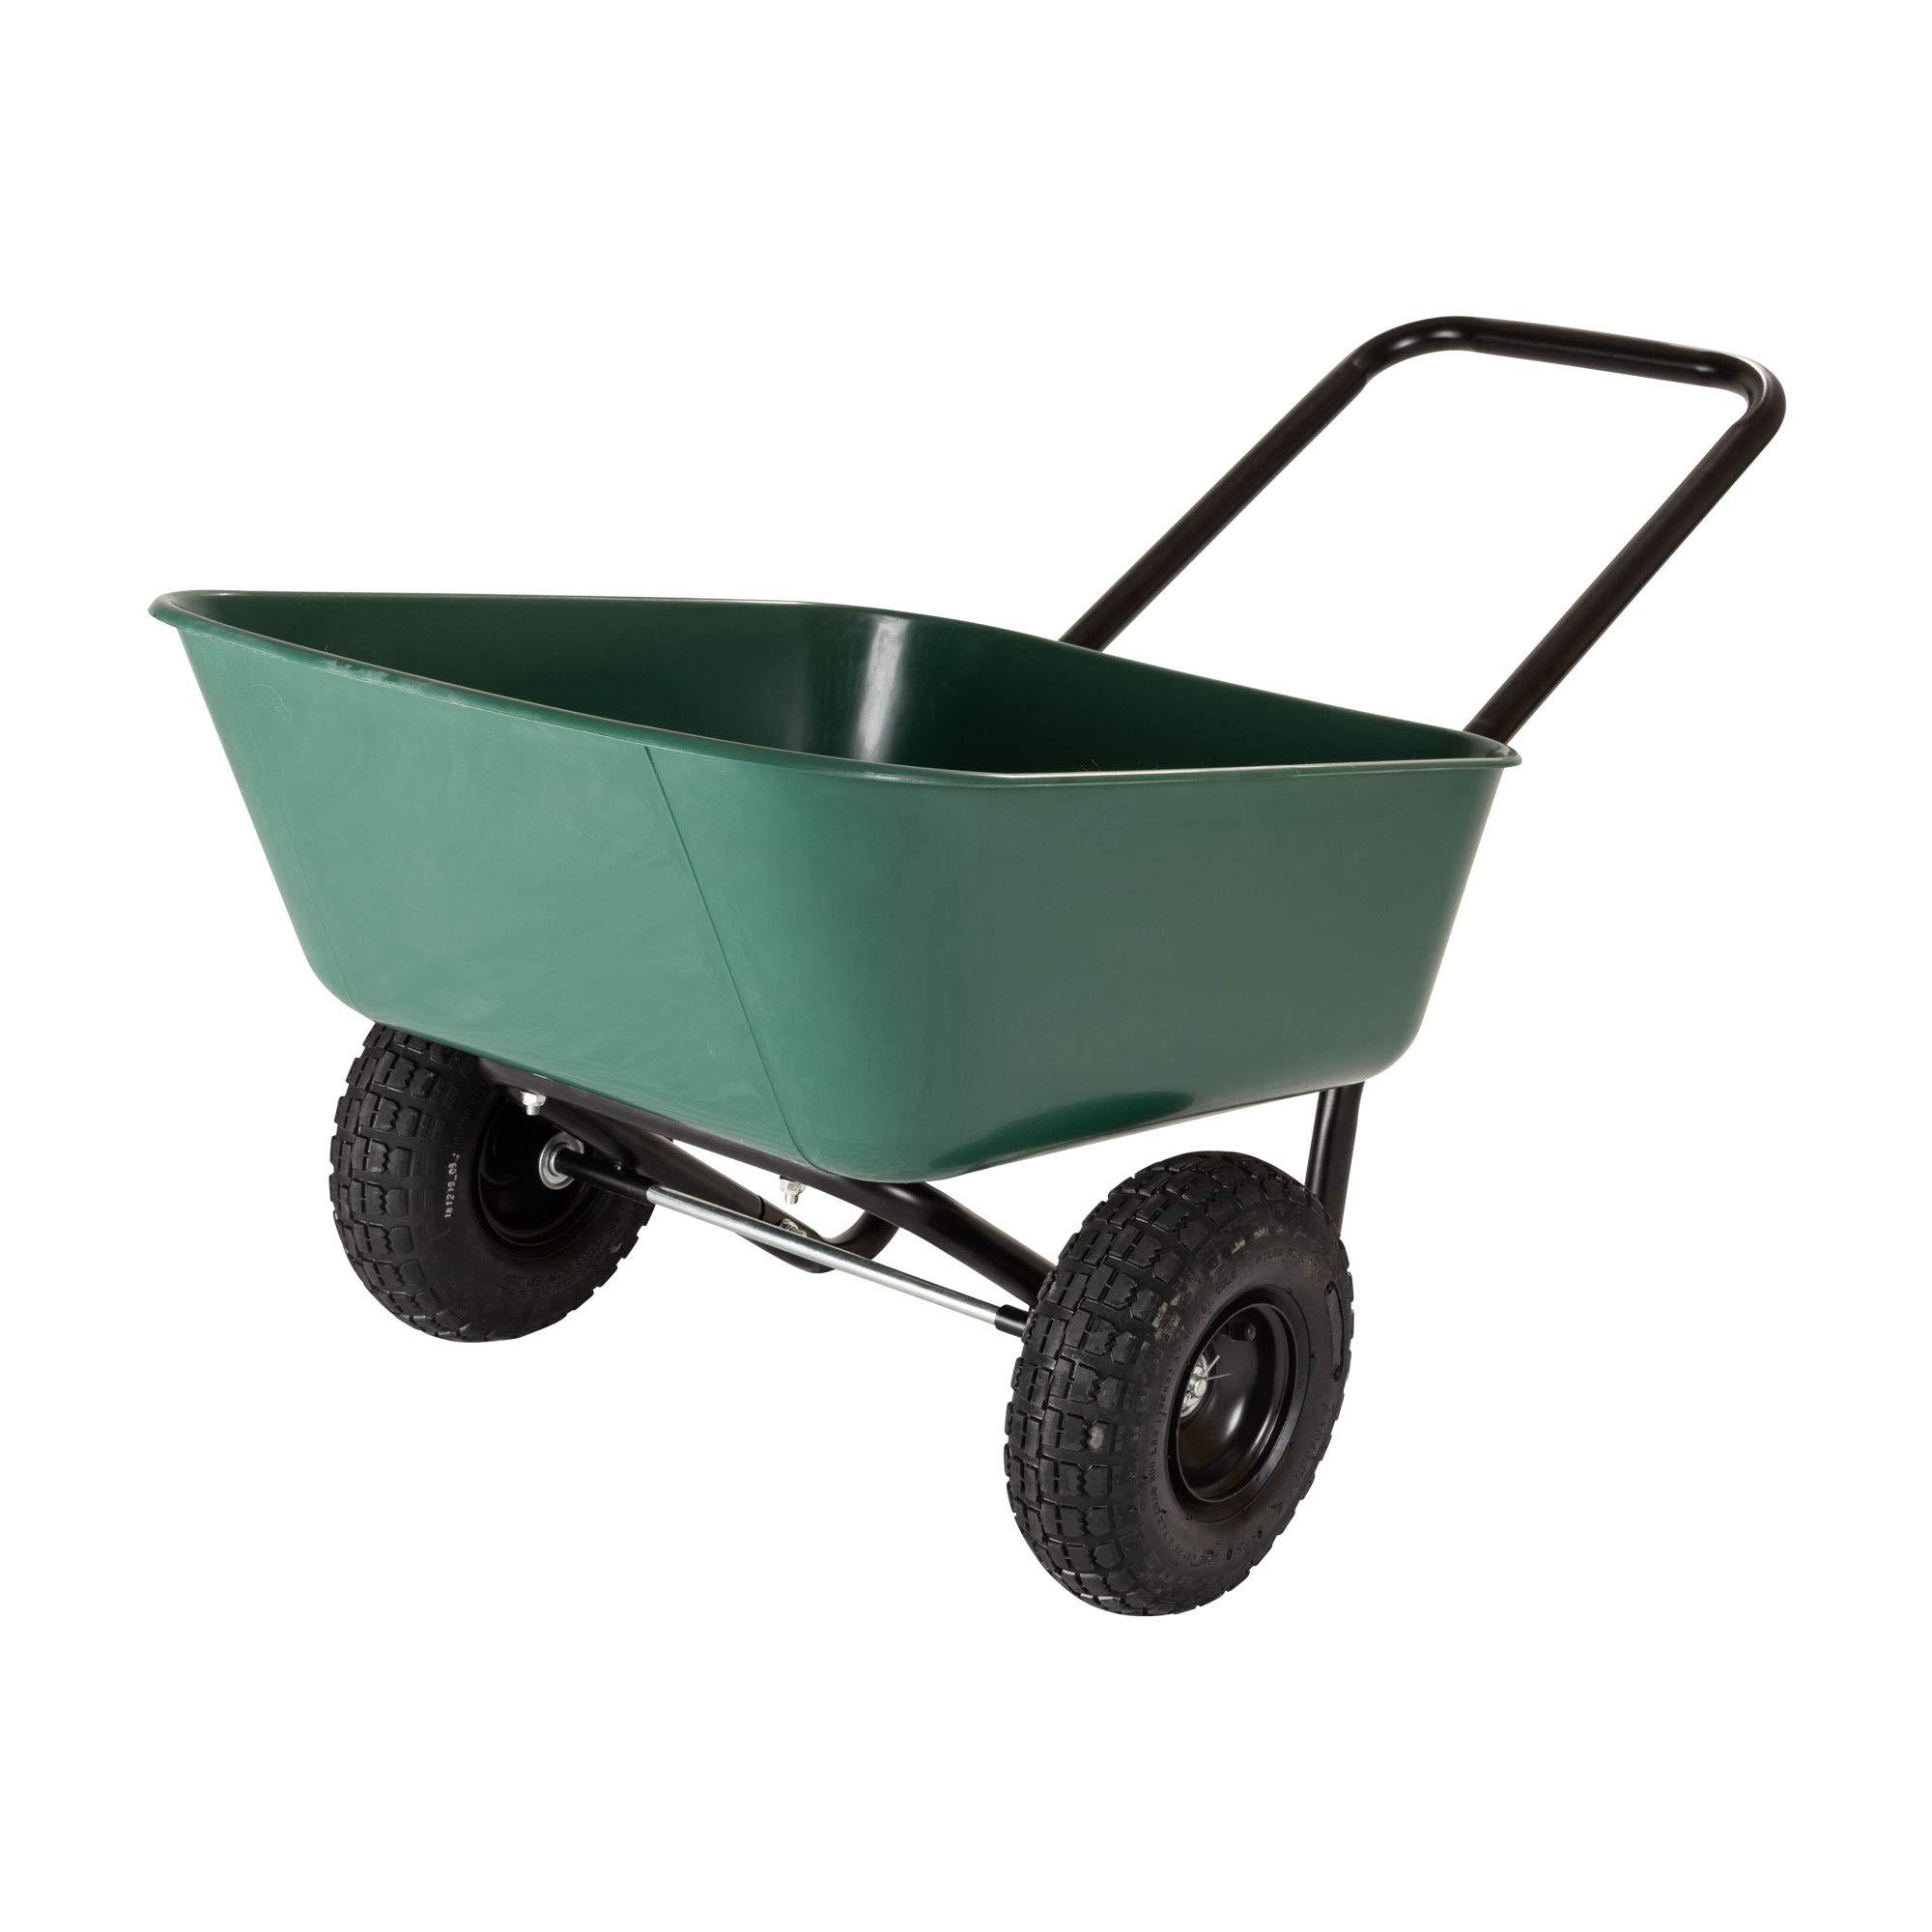 Garden Star 70019 Garden Barrow Dual-Wheel Wheelbarrow/Garden Cart by MARASTAR